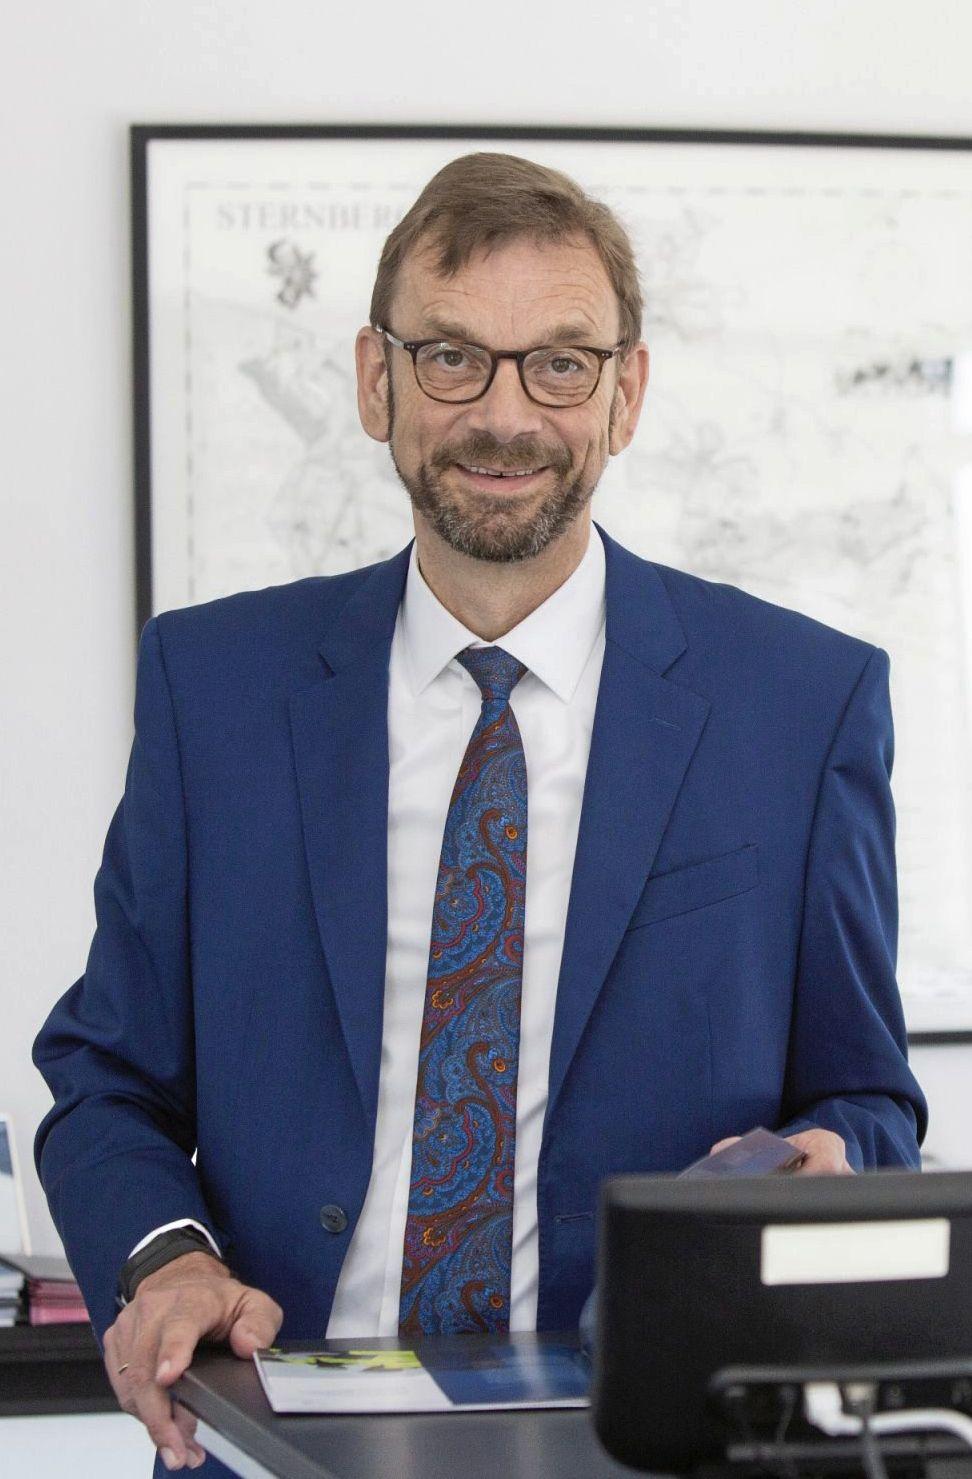 Klaus Rethmann VorstandsvoKlaus Rethmann Vorstandsvorsitzender der Rhenus AG, Rhenus/Rethmann rsitzender der Rhenus AG, Rhenus/Rethmann